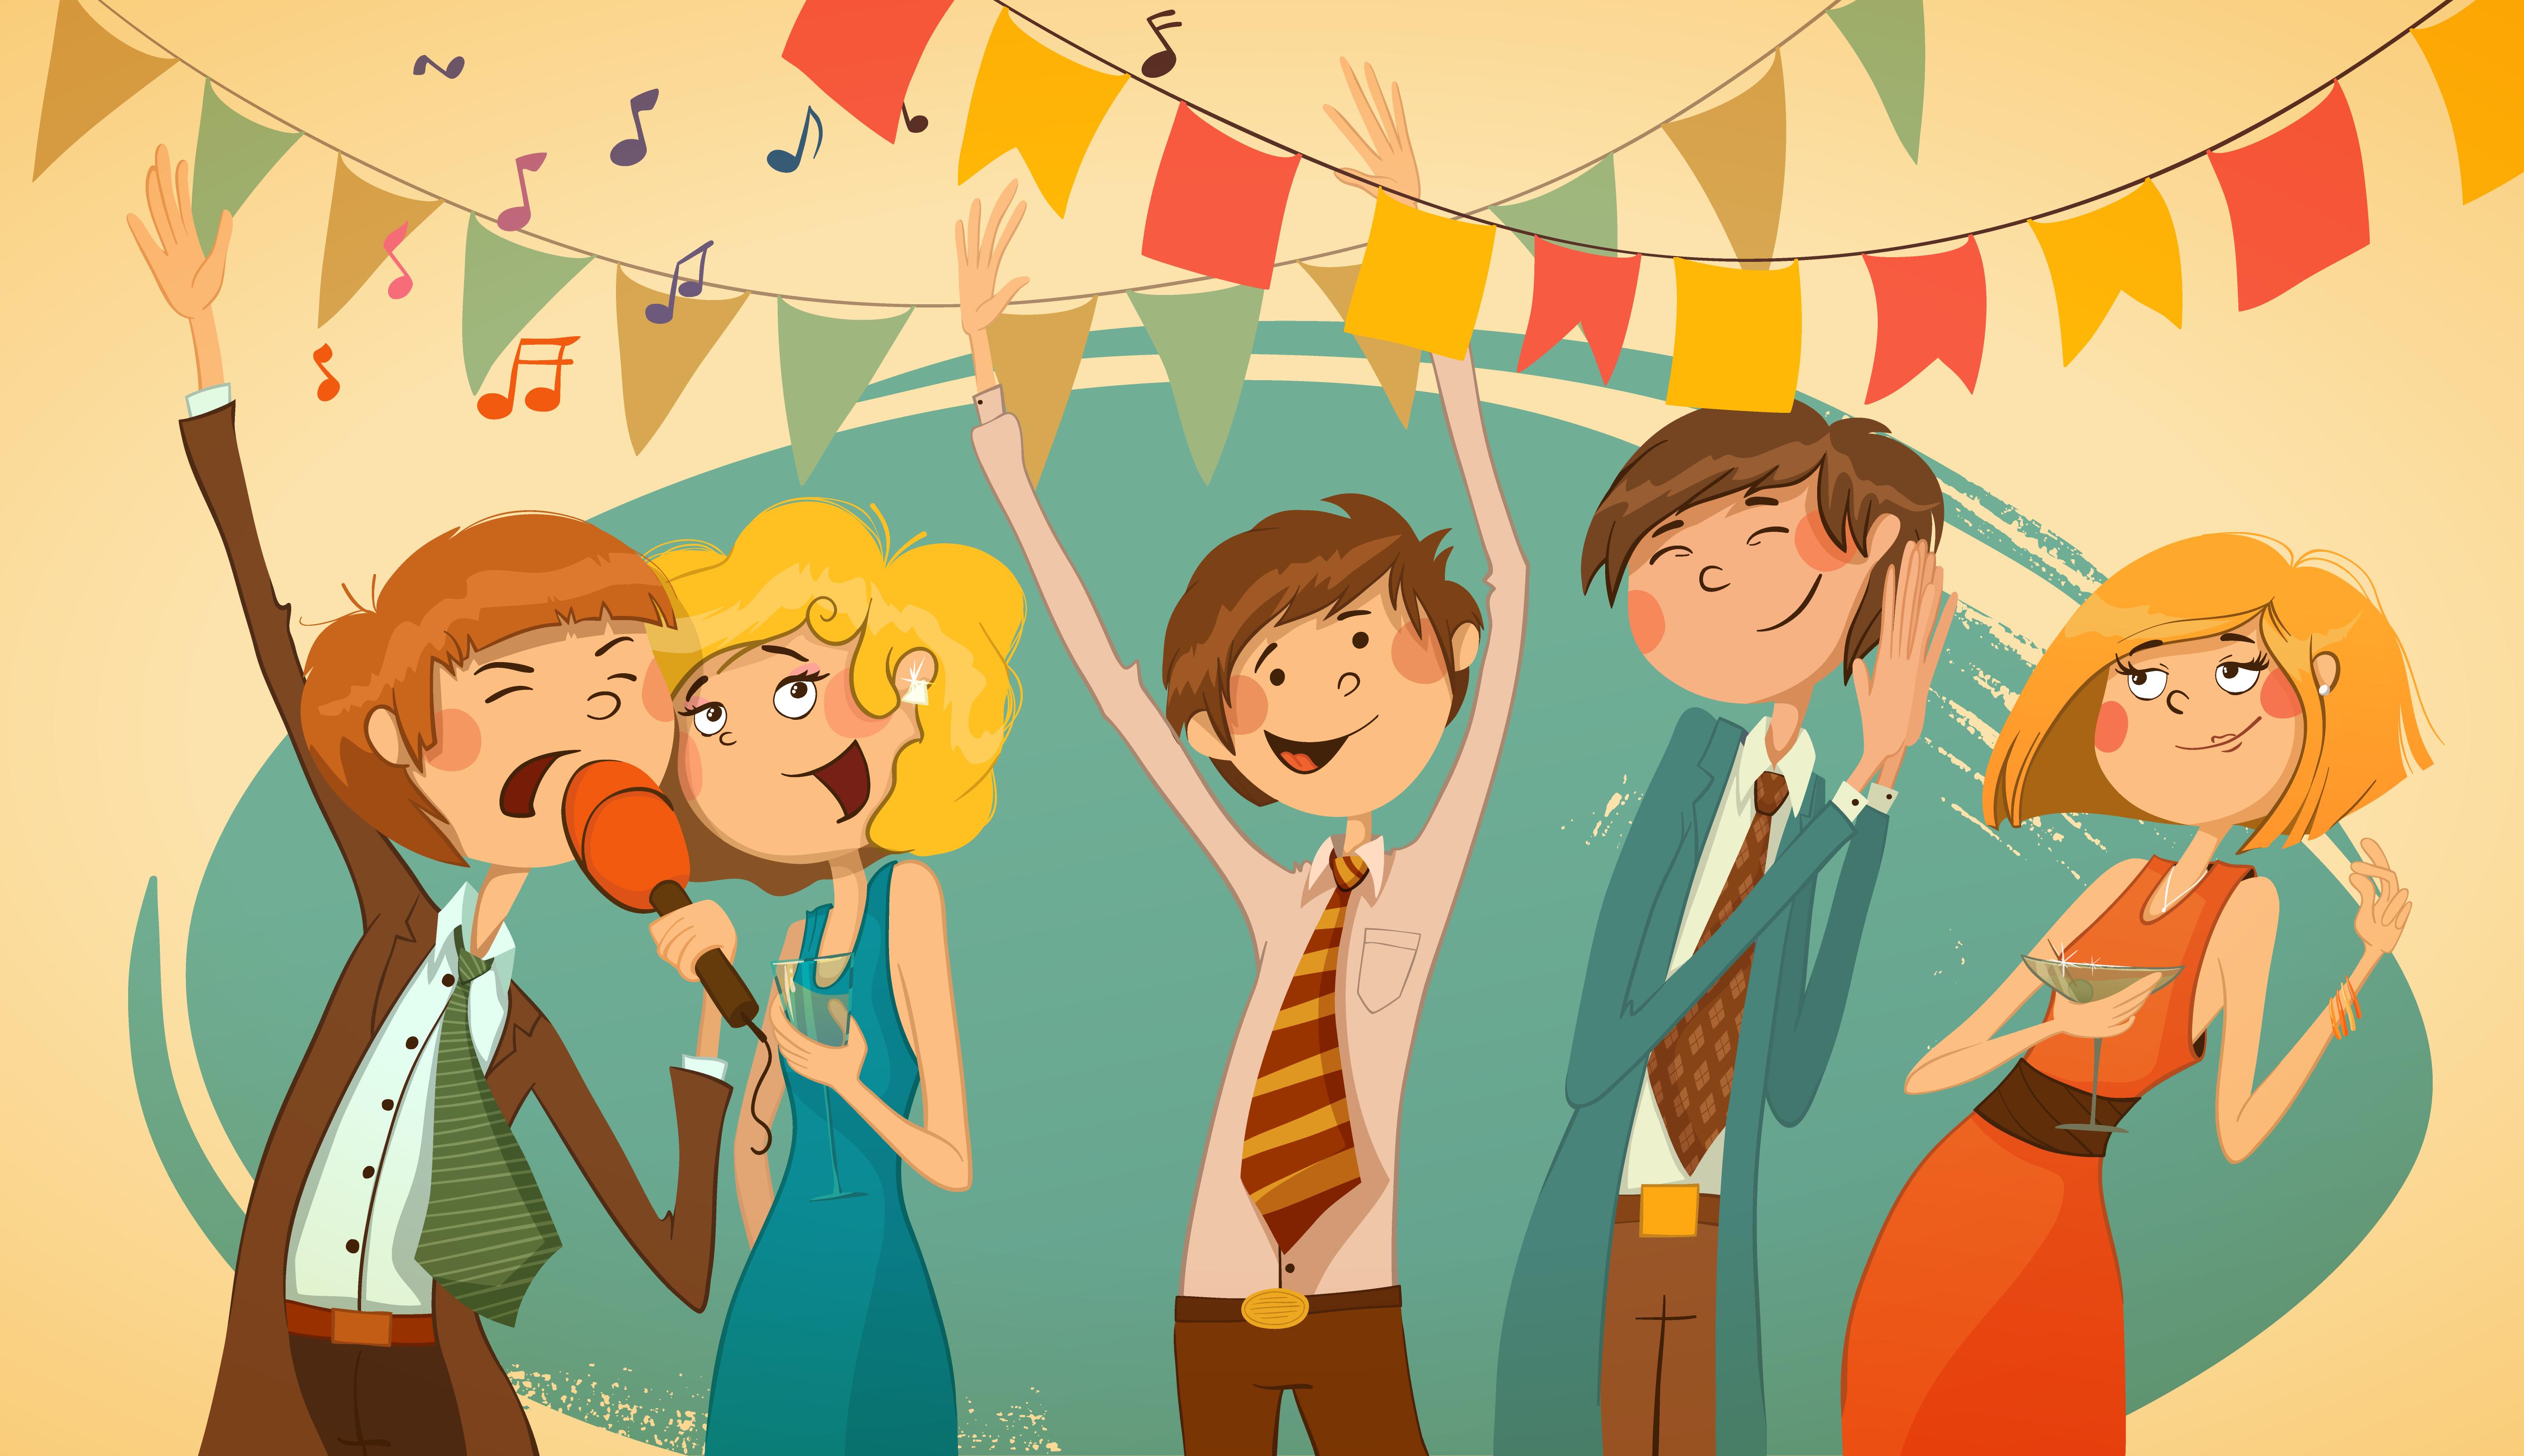 Картинки с вечеринкой прикольные рисованные, новогодняя